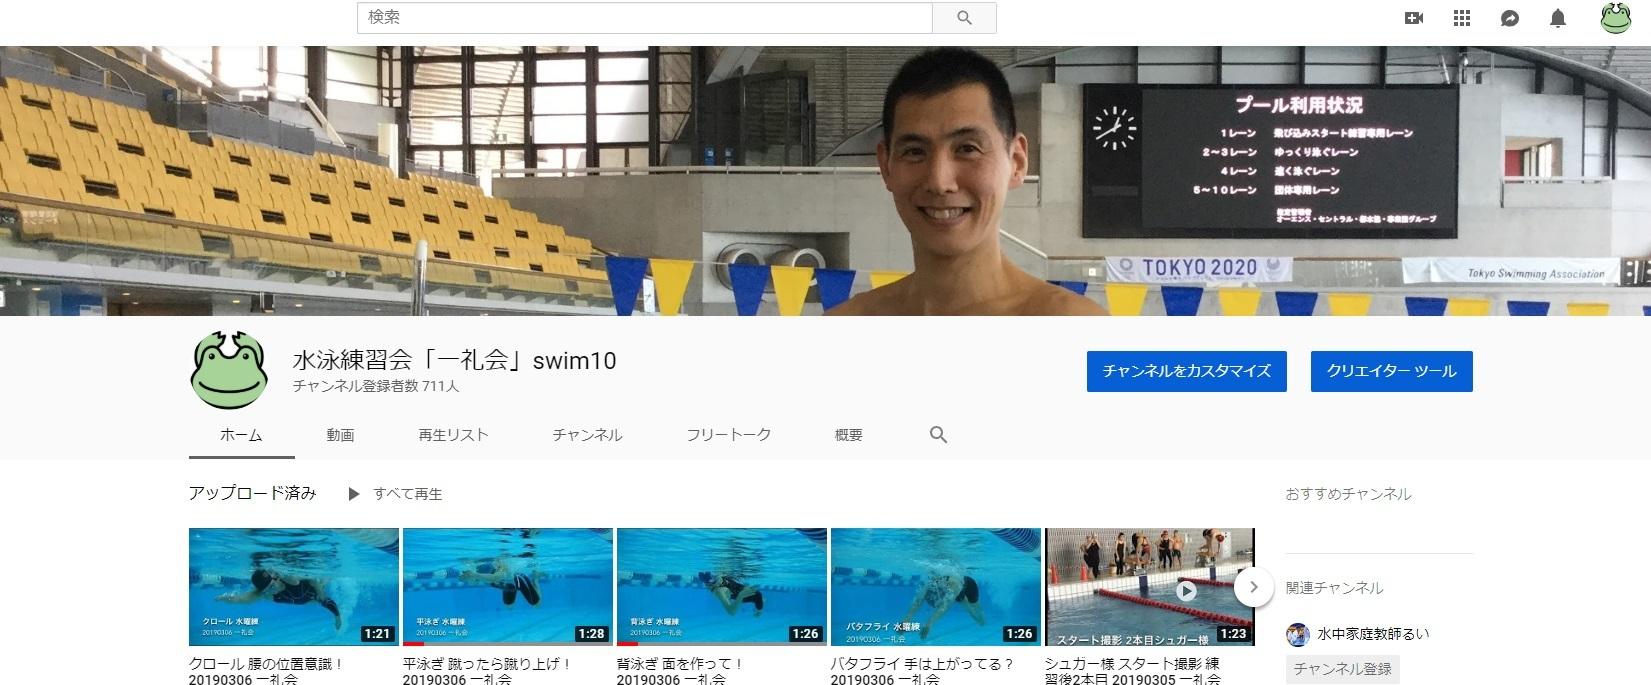 YouTube チャンネル名変更